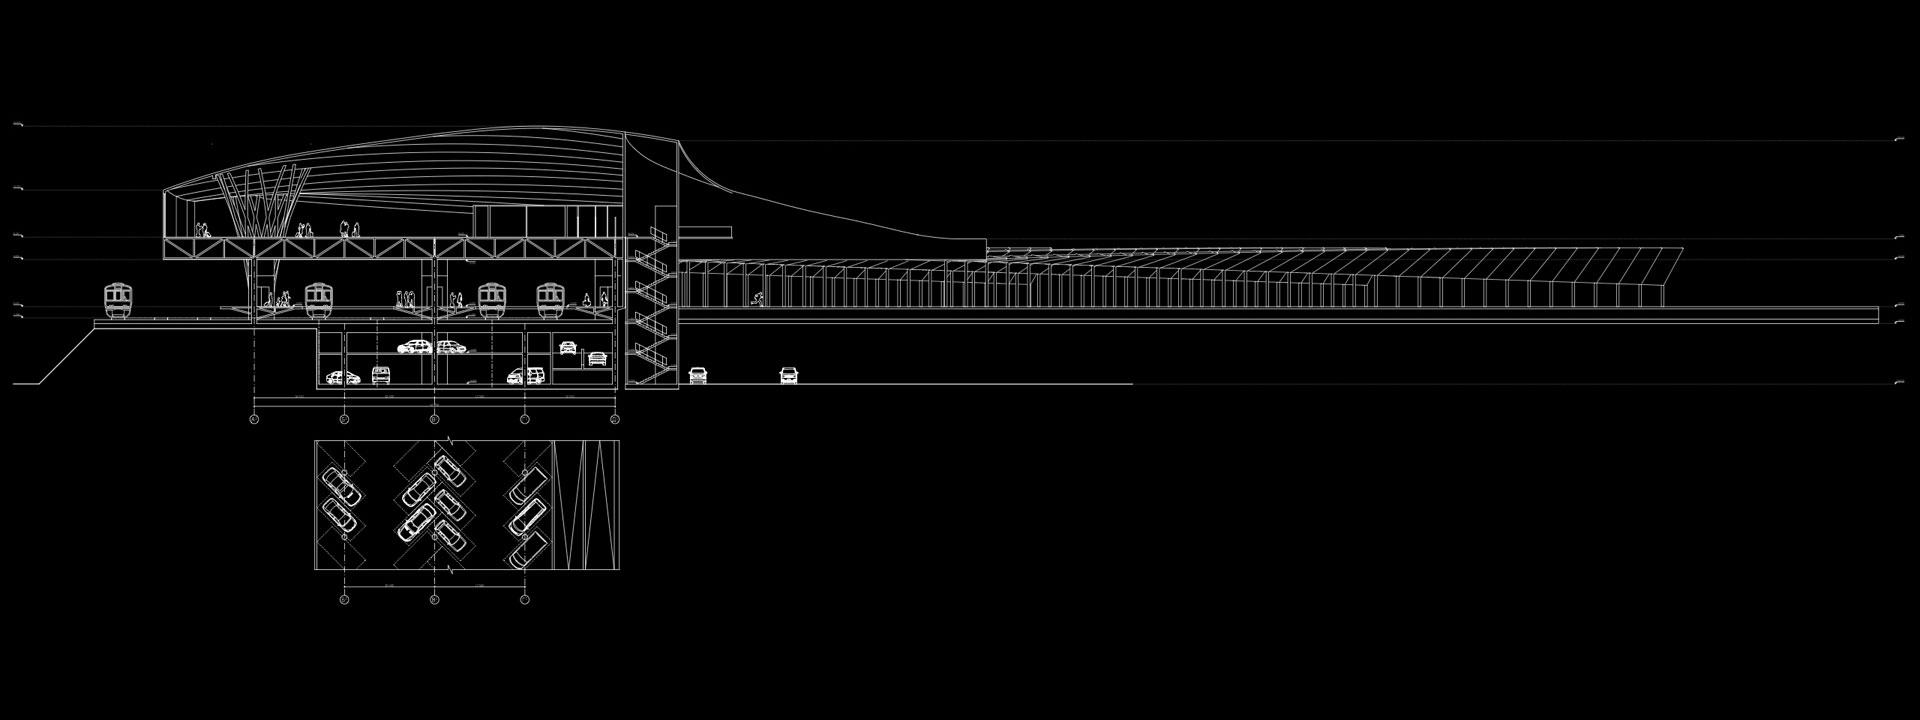 архітектурний розріз вокзалу / транспортного вузла